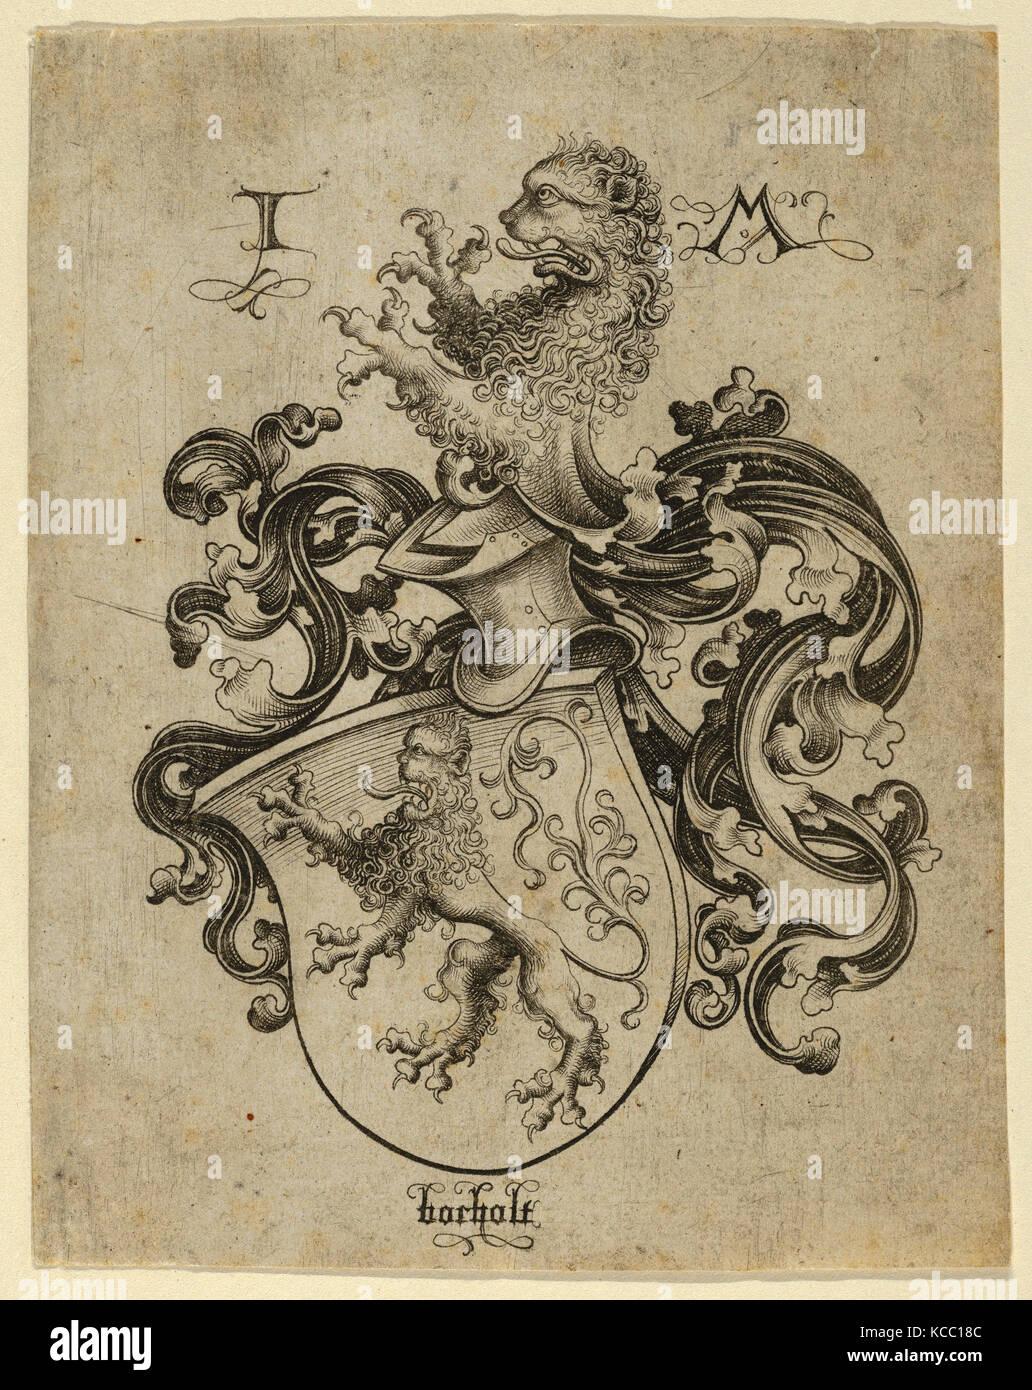 Europeo di scultura e di arti decorative, di pezzo, Italiano o Spagnolo, ca. 1600, 1595, 1605, seta Immagini Stock